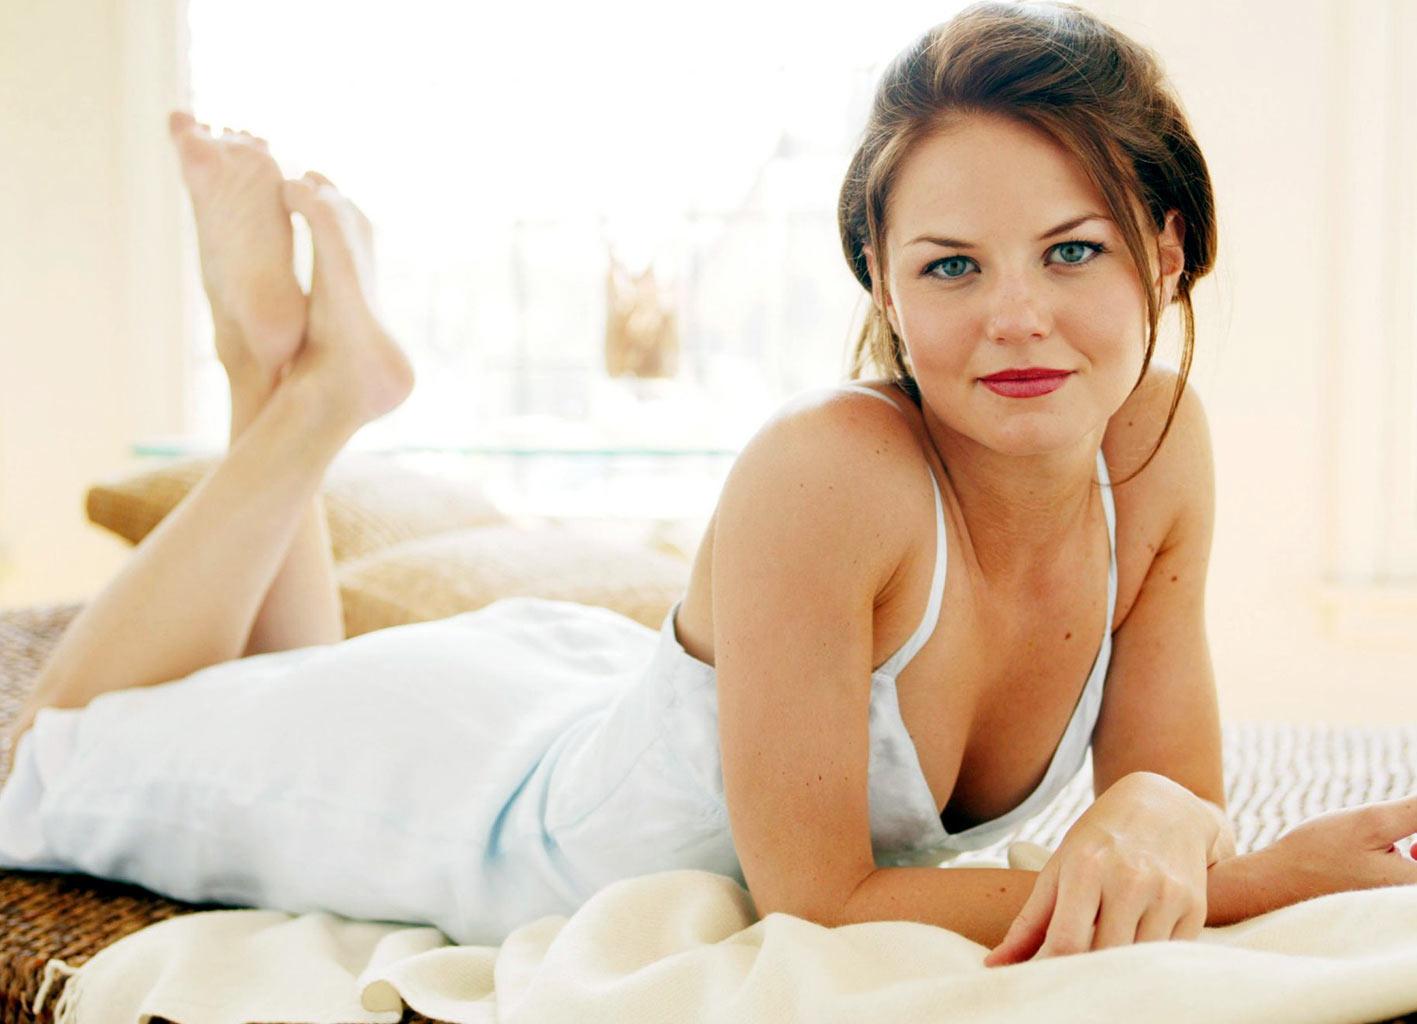 опере немного корректо смотреть порно с нами и робин приколы))) Блог супер